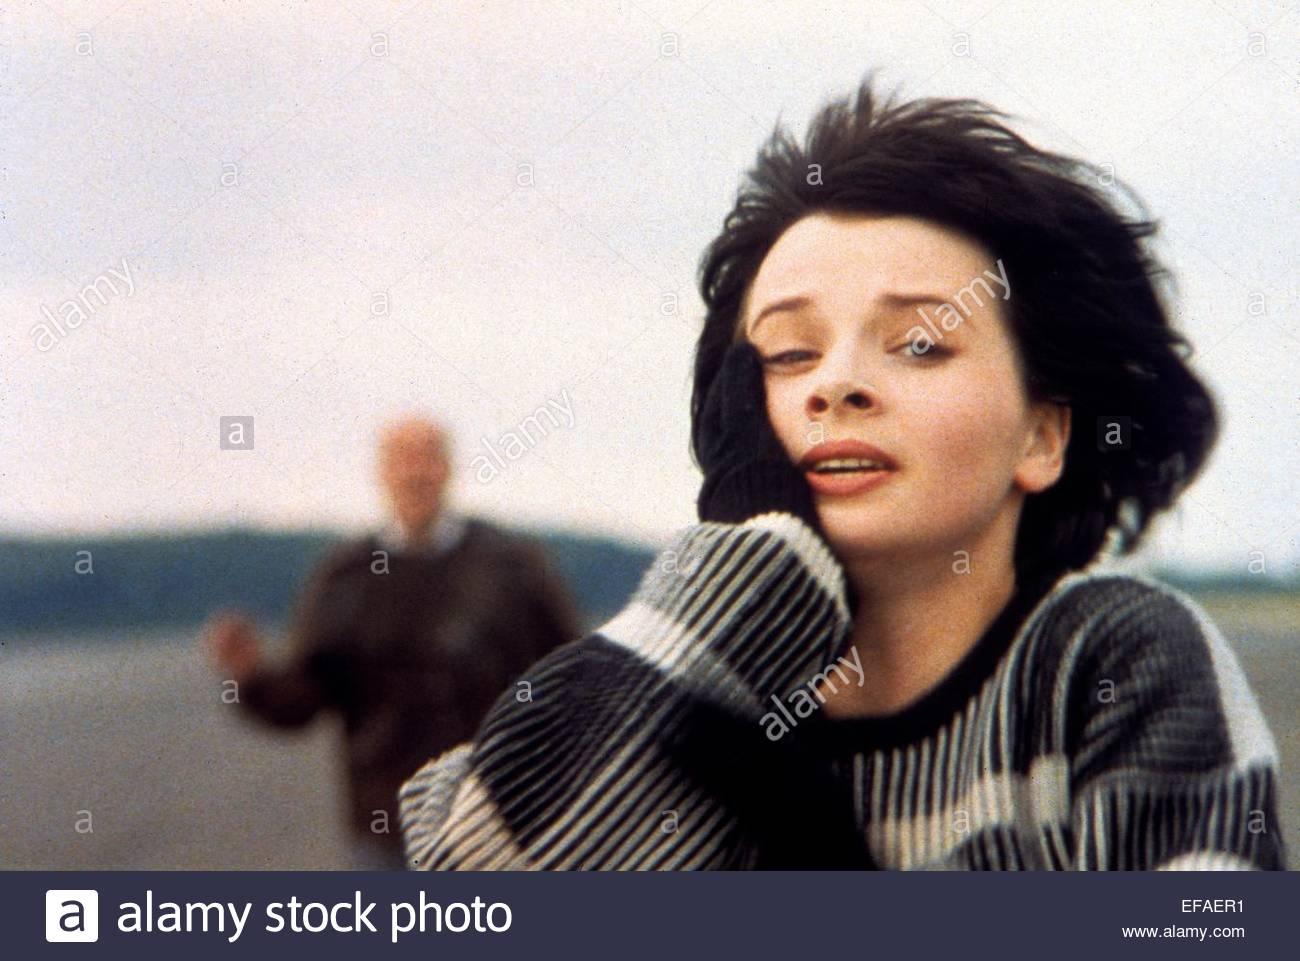 Young Juliette Binoche